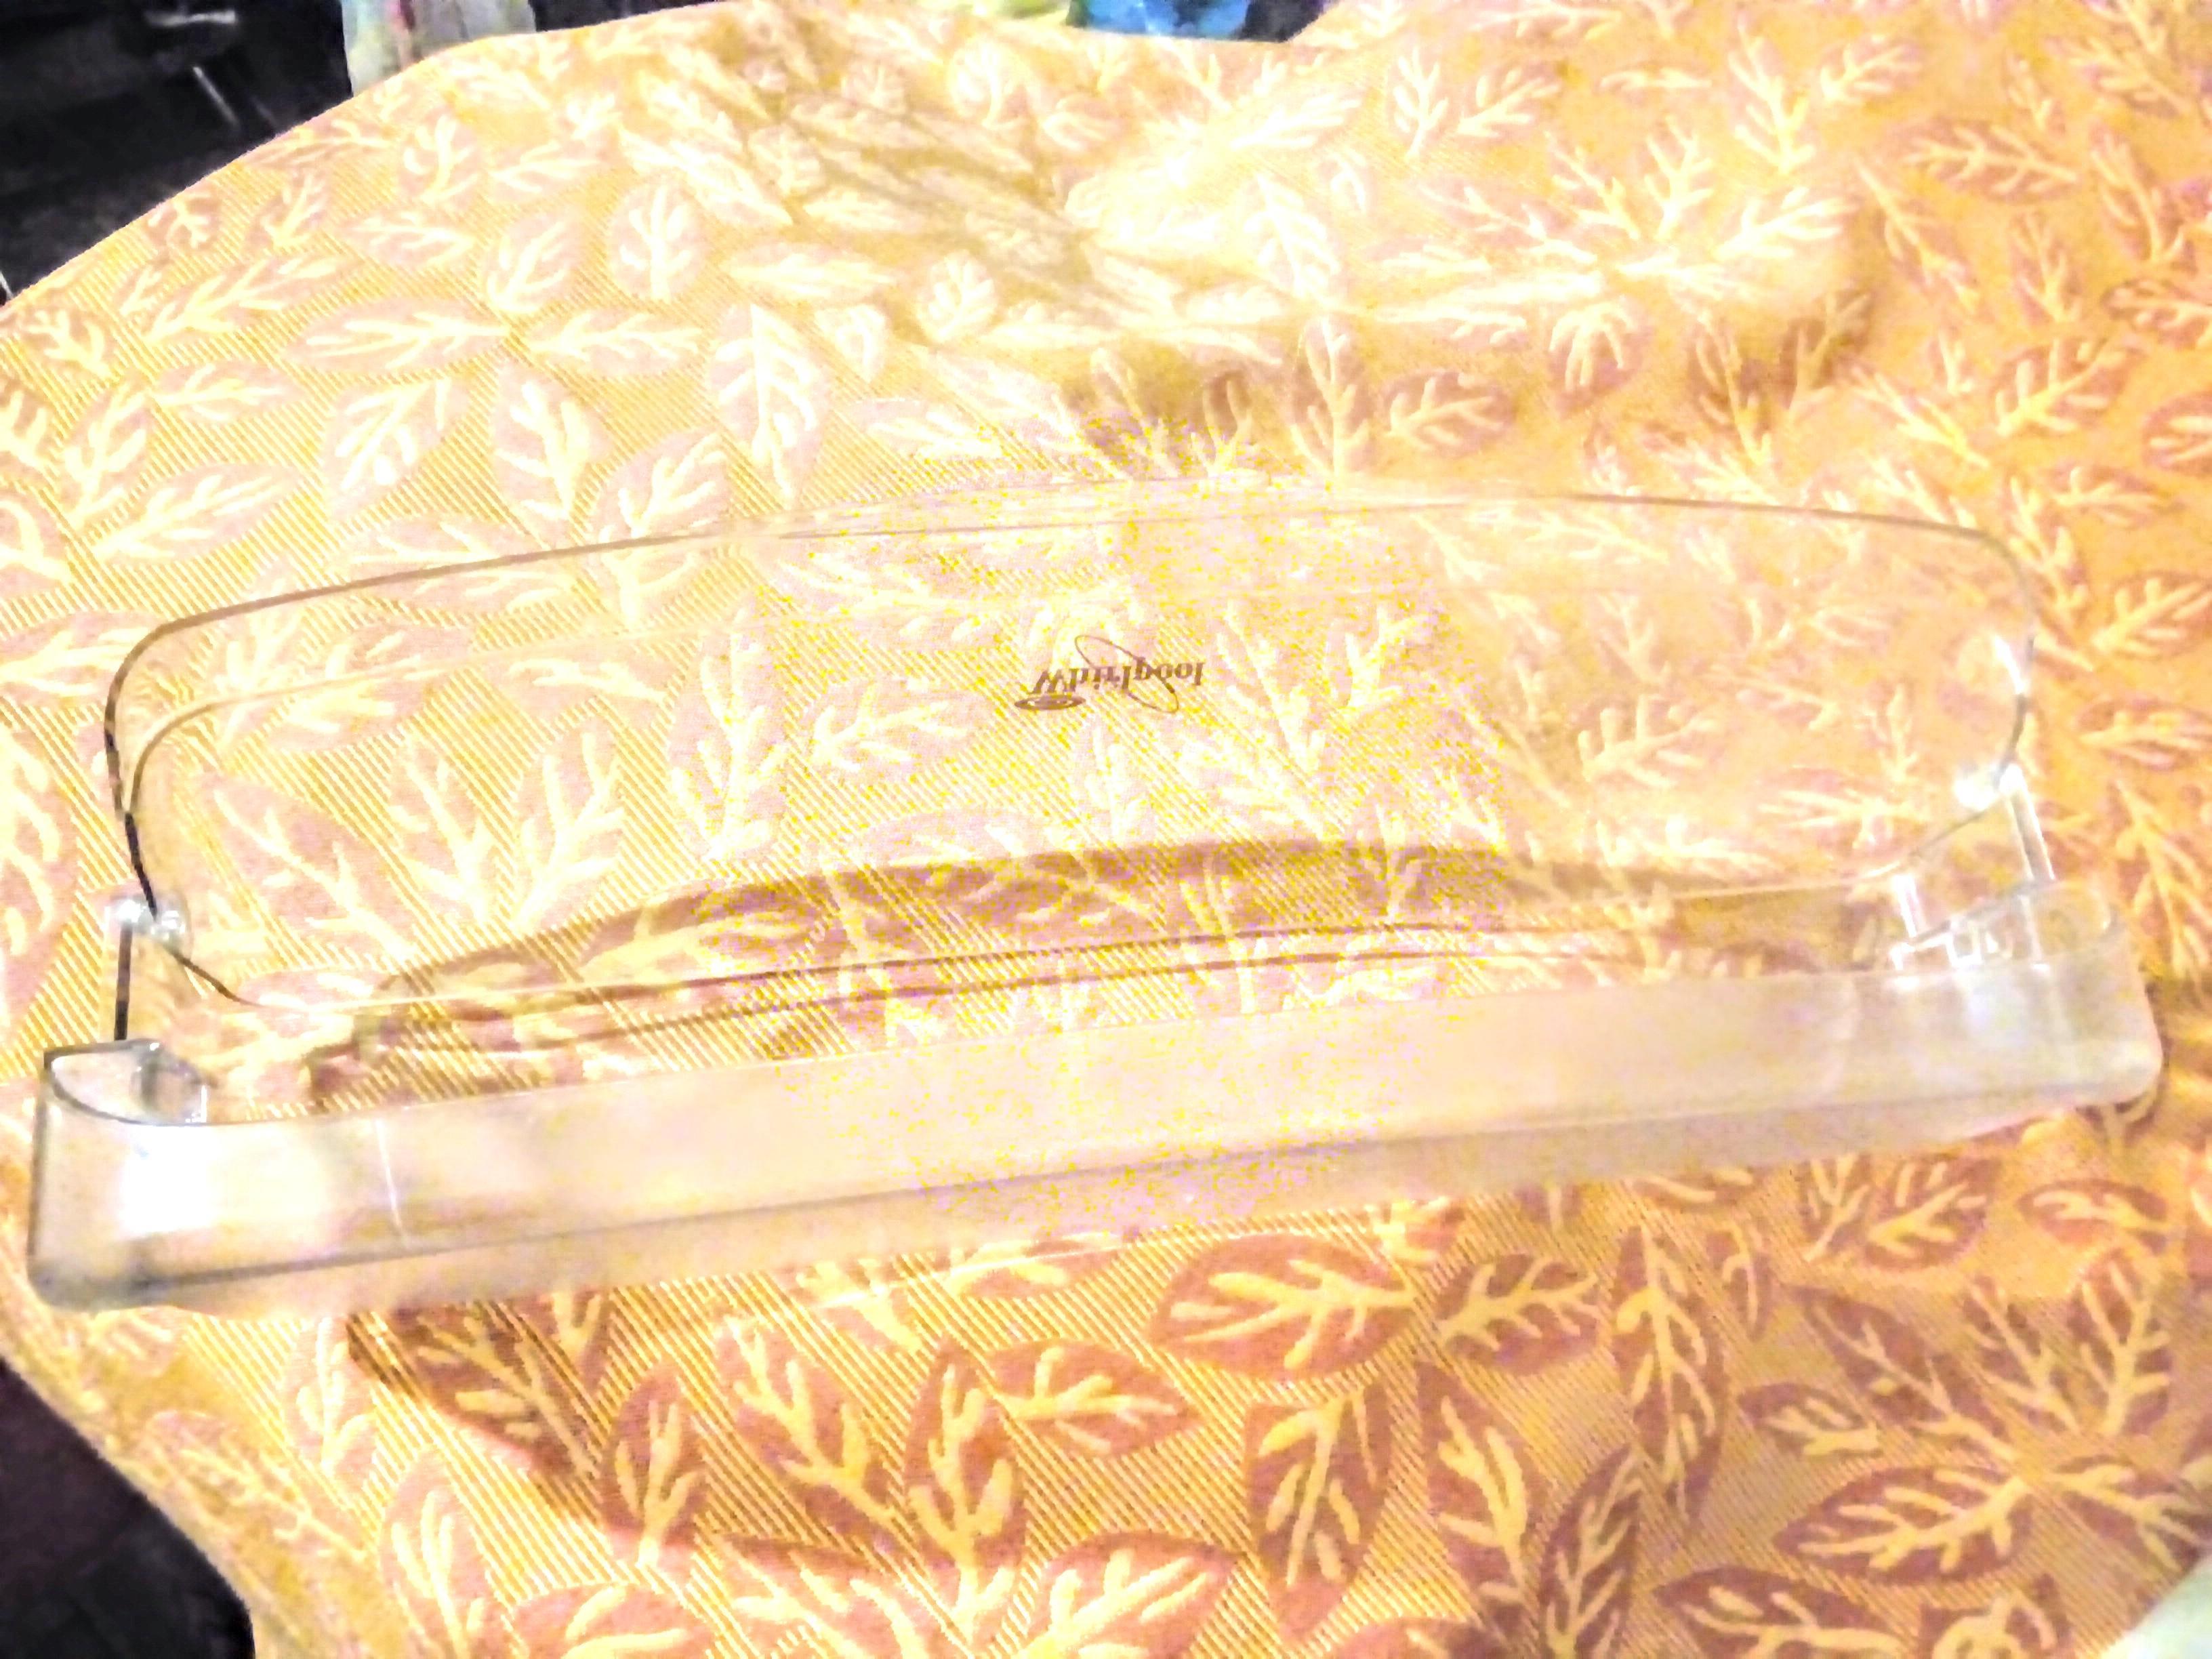 troc de troc balconnet pour rÉfrigÉrateur whirlpool image 2